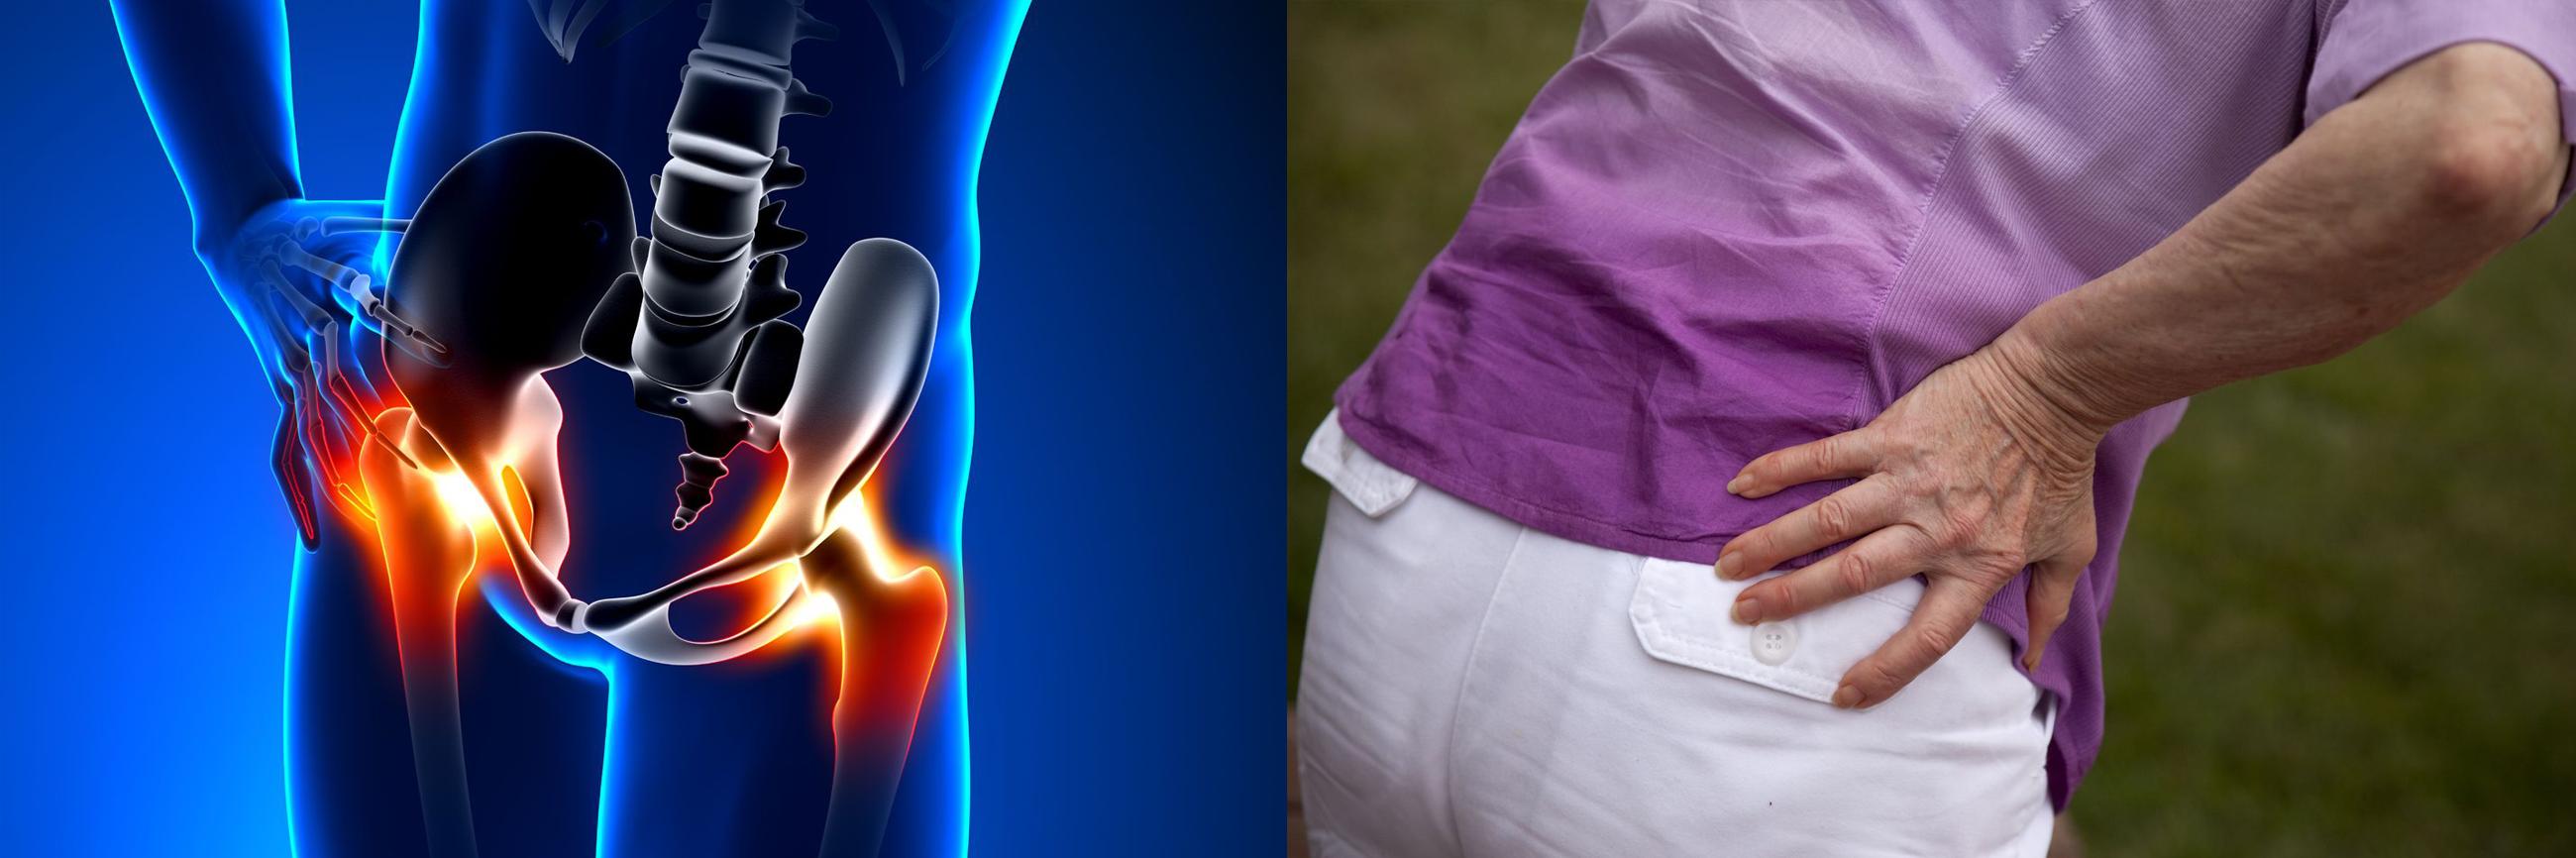 ha a csípőízület fáj izületi fájdalom zselatin